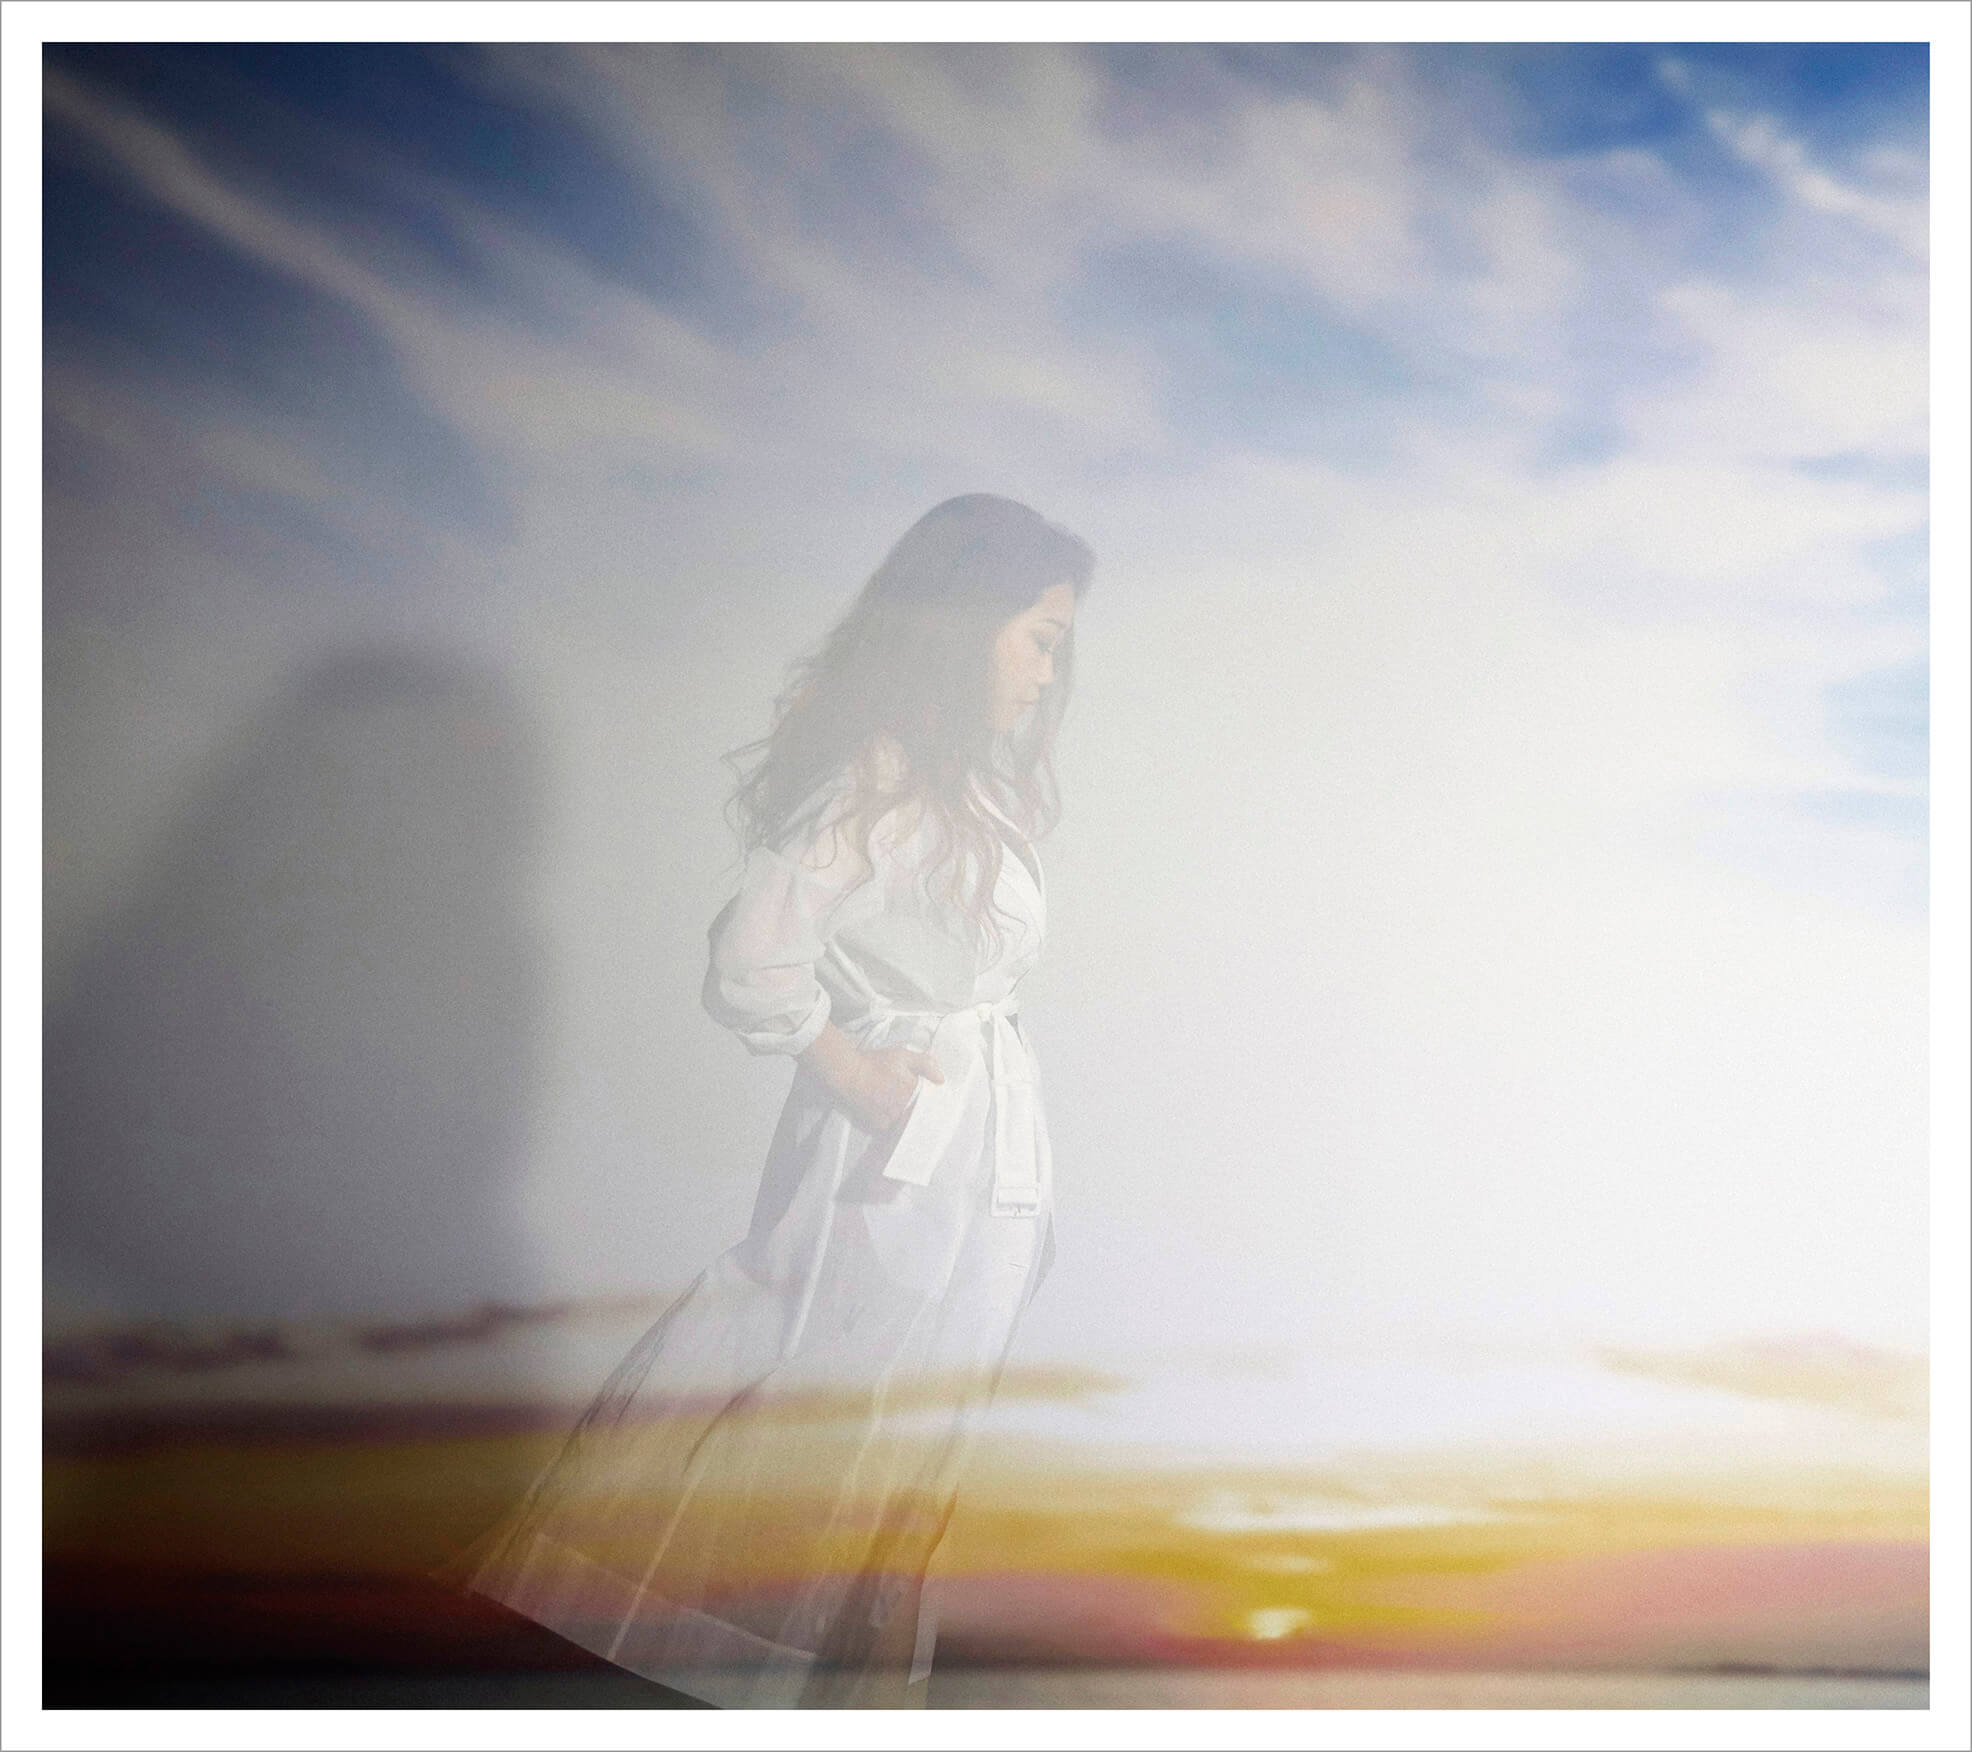 JUJU、新曲「ミライ」MVが期間限定でフル公開